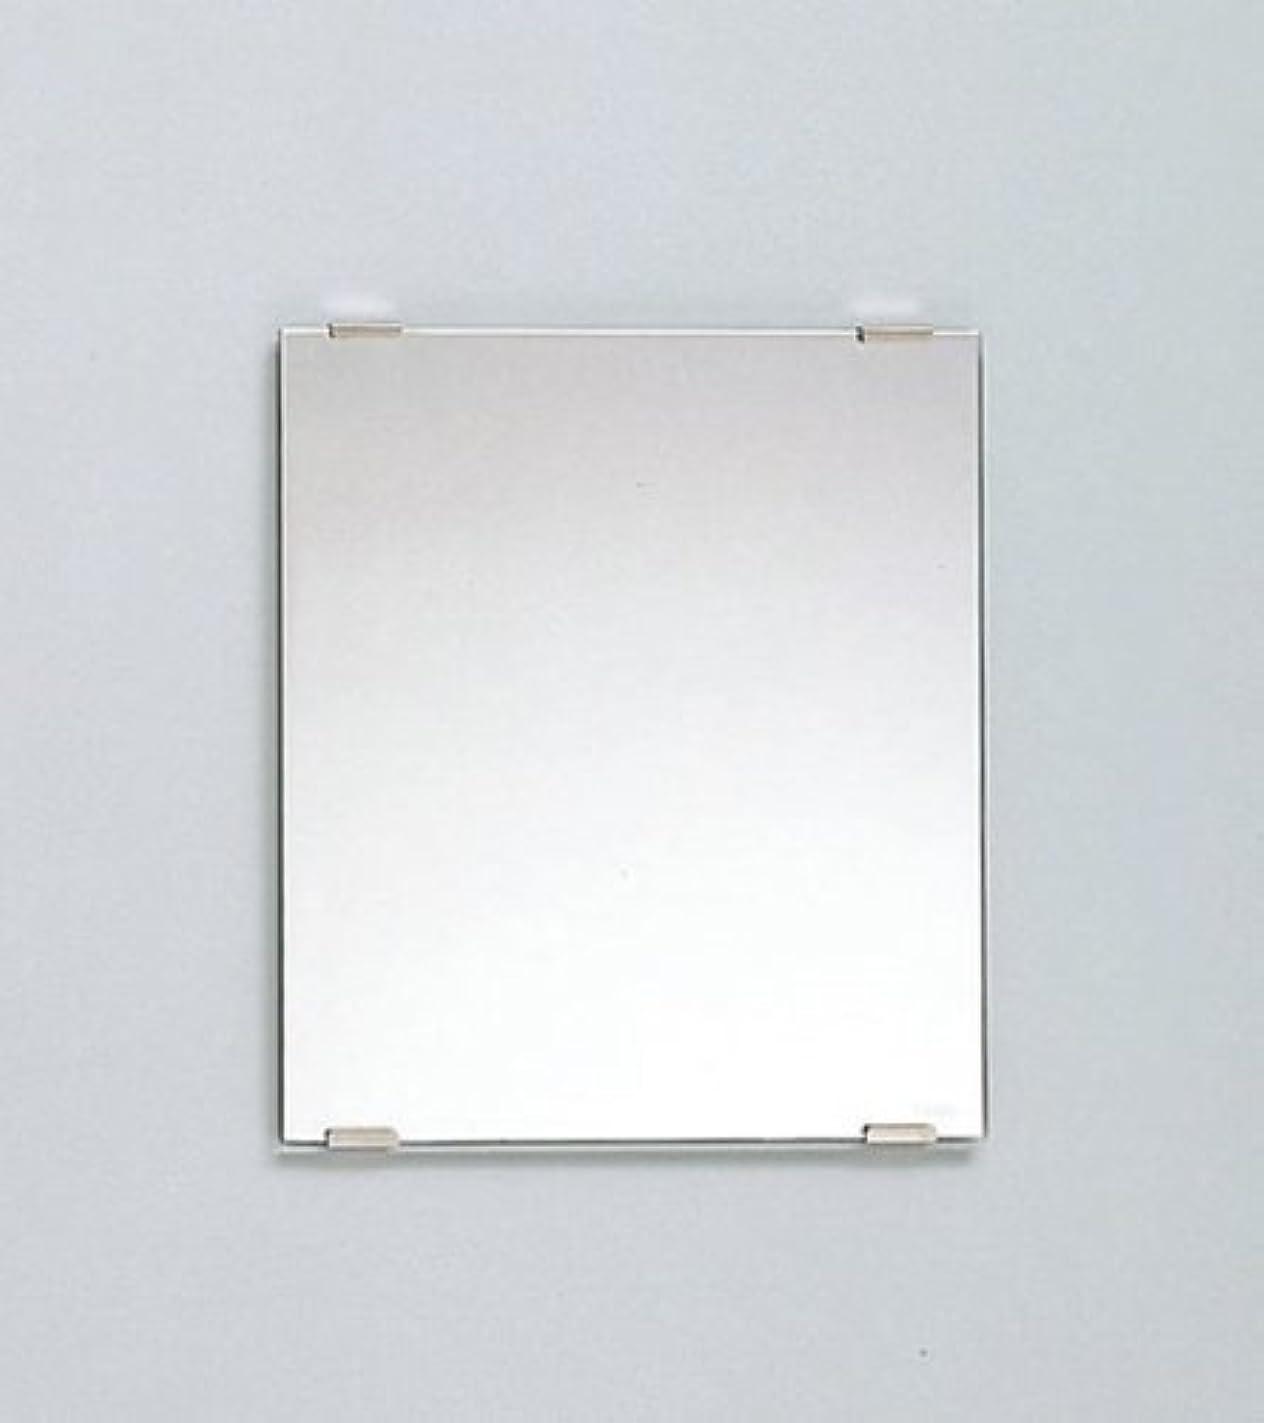 ぼんやりした決済ブロックTOTO 化粧鏡 YM3045F 耐食鏡 角型 300×450(mm)